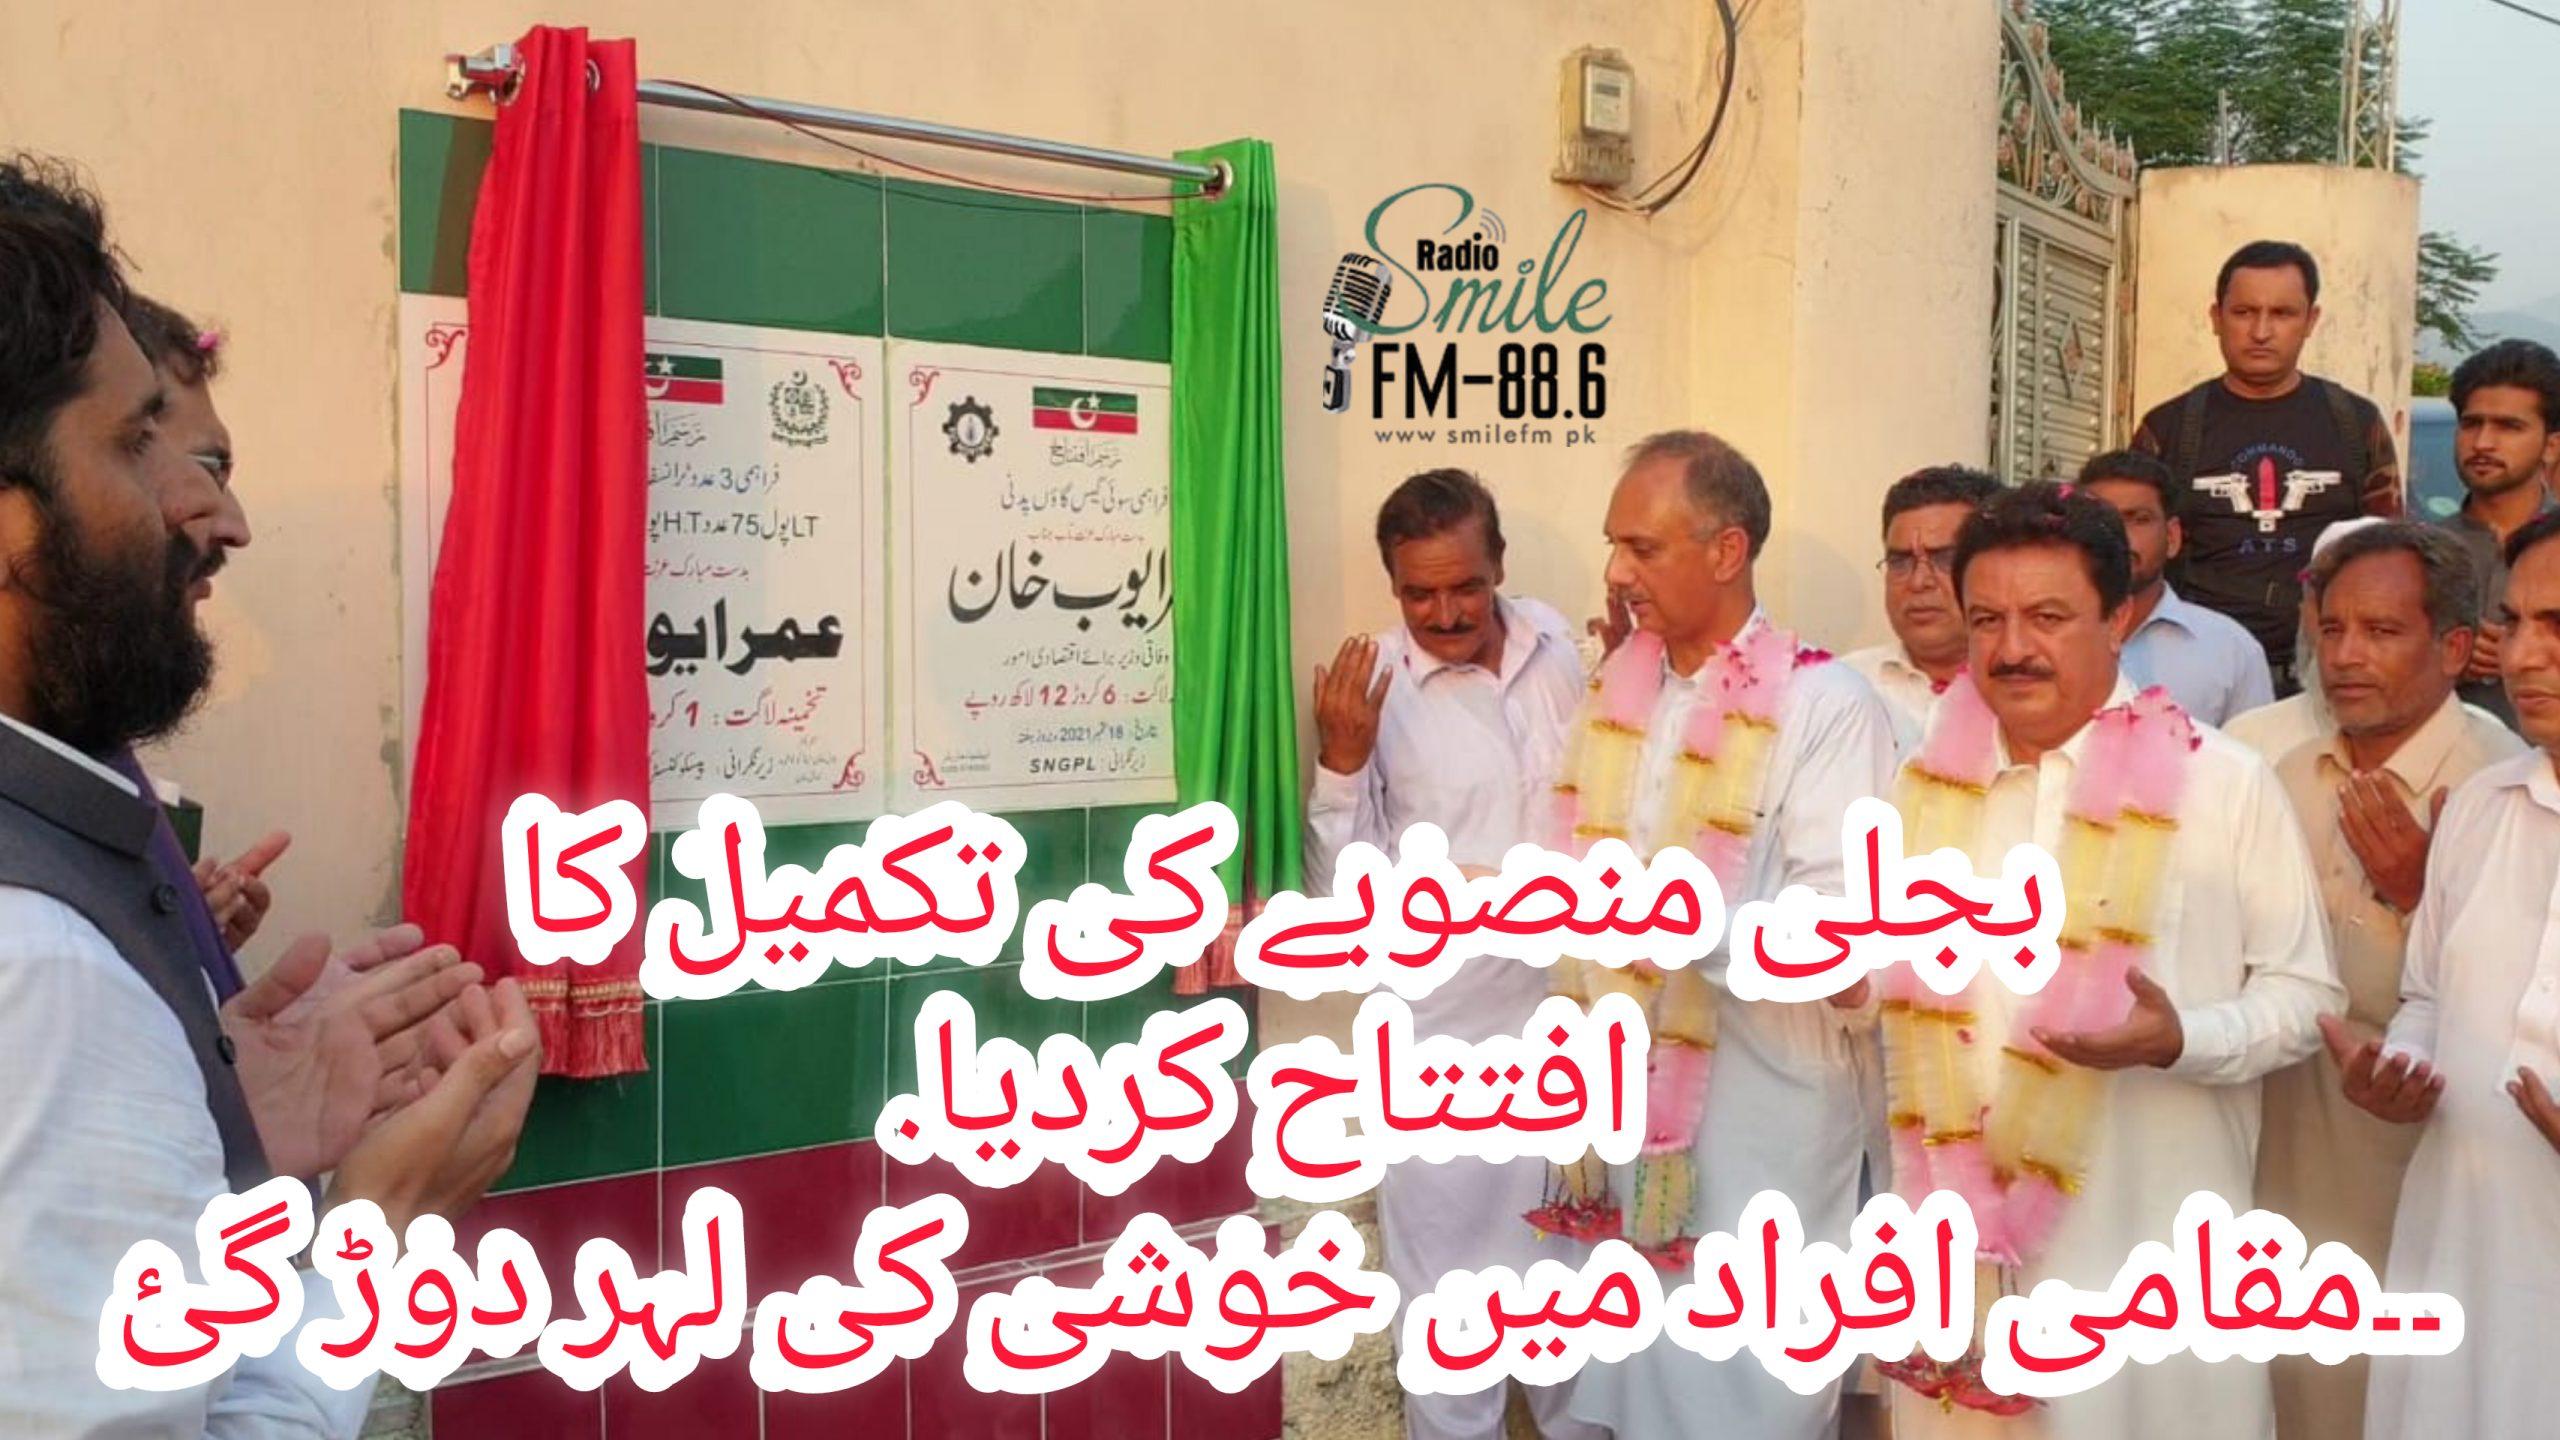 وفاقی وزیربرائے اقتصادی امور جناب عمرایوب خان نے 6 کروڑ 12 لاکھ روپے کی خطیر لاگت سے سوئی گیس اور 1 کروڑ 75 لاکھ روپے کی خطیر فنڈنگ سے پدنی یونین کونسل بریلہ میں میگا بجلی منصوبے کی تکمیل کا افتتاح کردیا۔۔۔۔۔مقامی افراد میں خوشی کی لہر دوڑ گئی۔